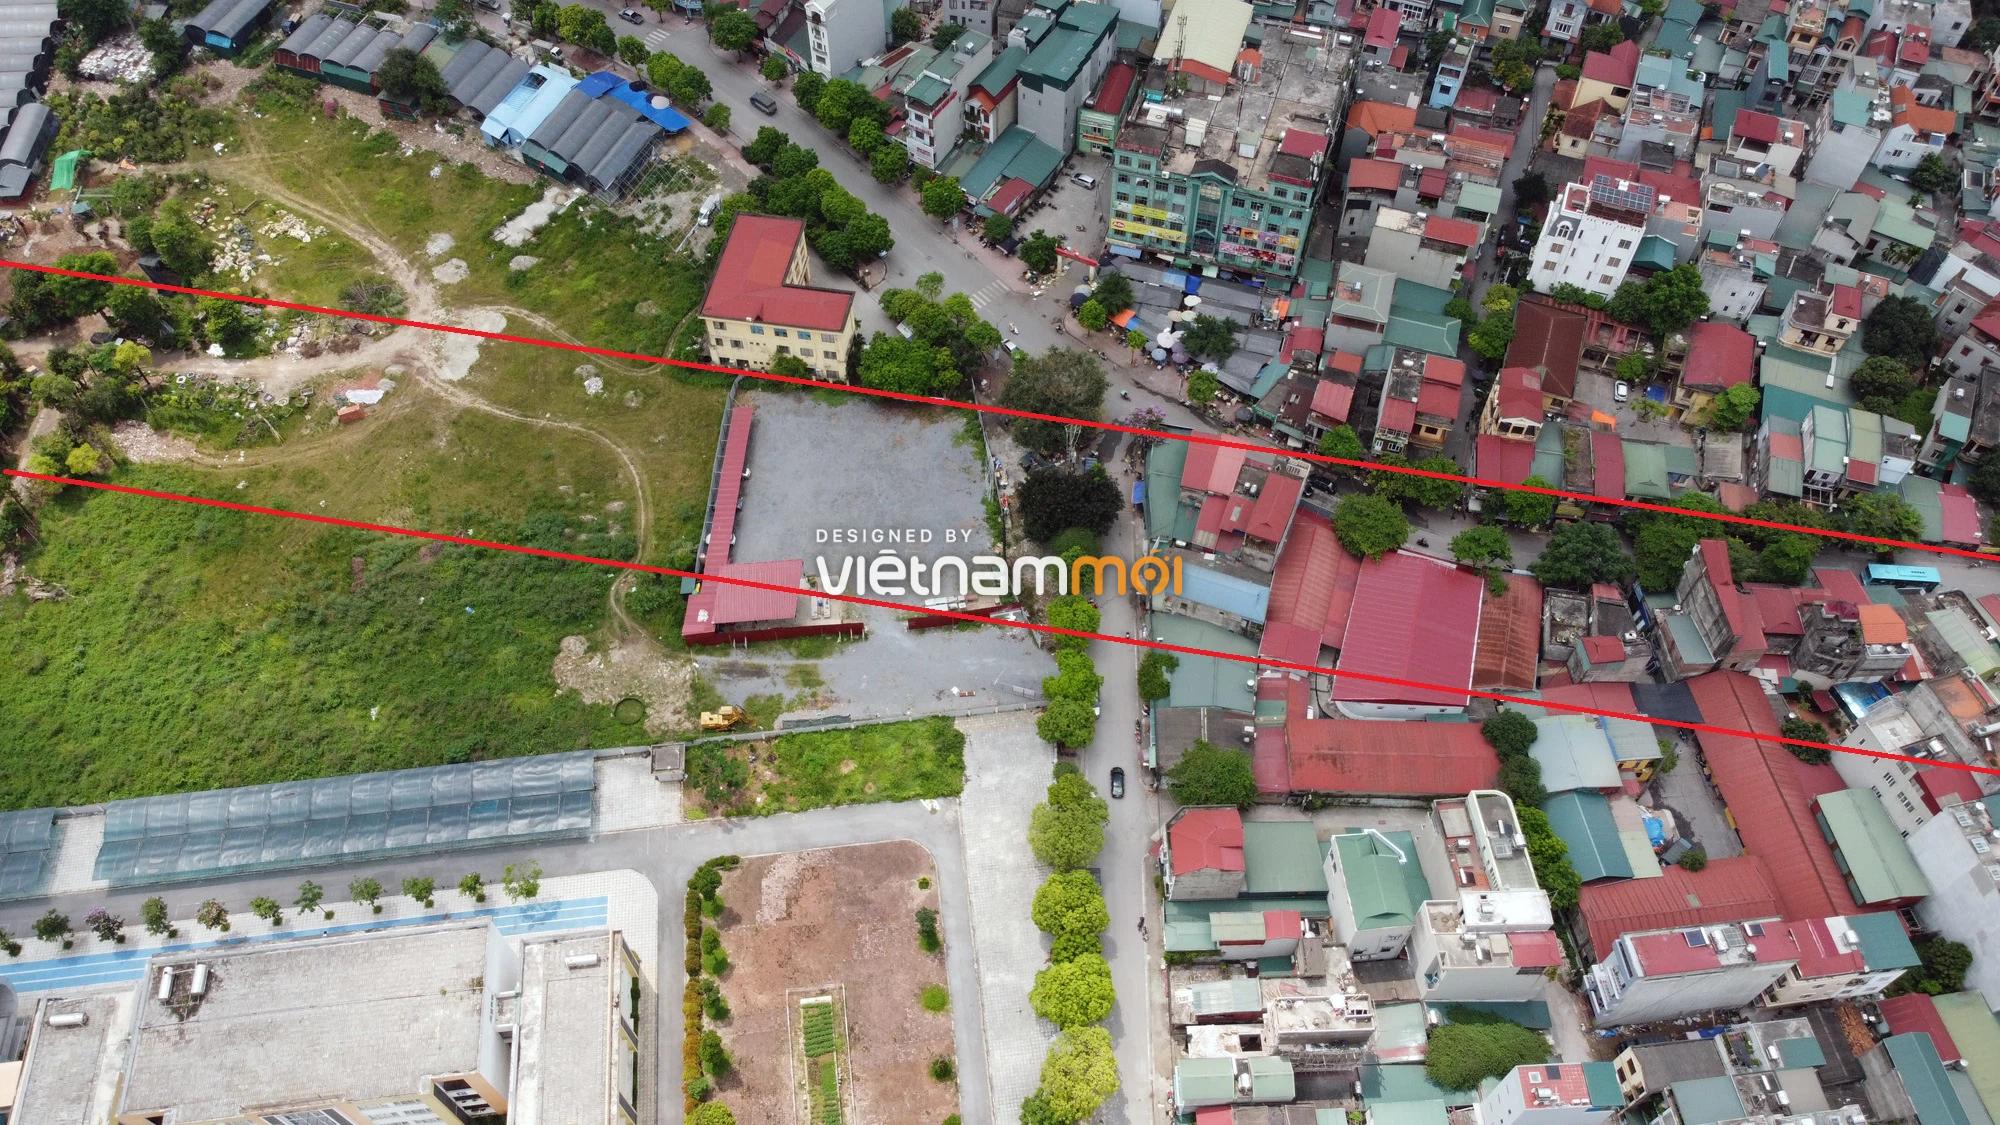 Những khu đất sắp thu hồi để mở đường ở phường Long Biên, Long Biên, Hà Nội (phần 4) - Ảnh 6.